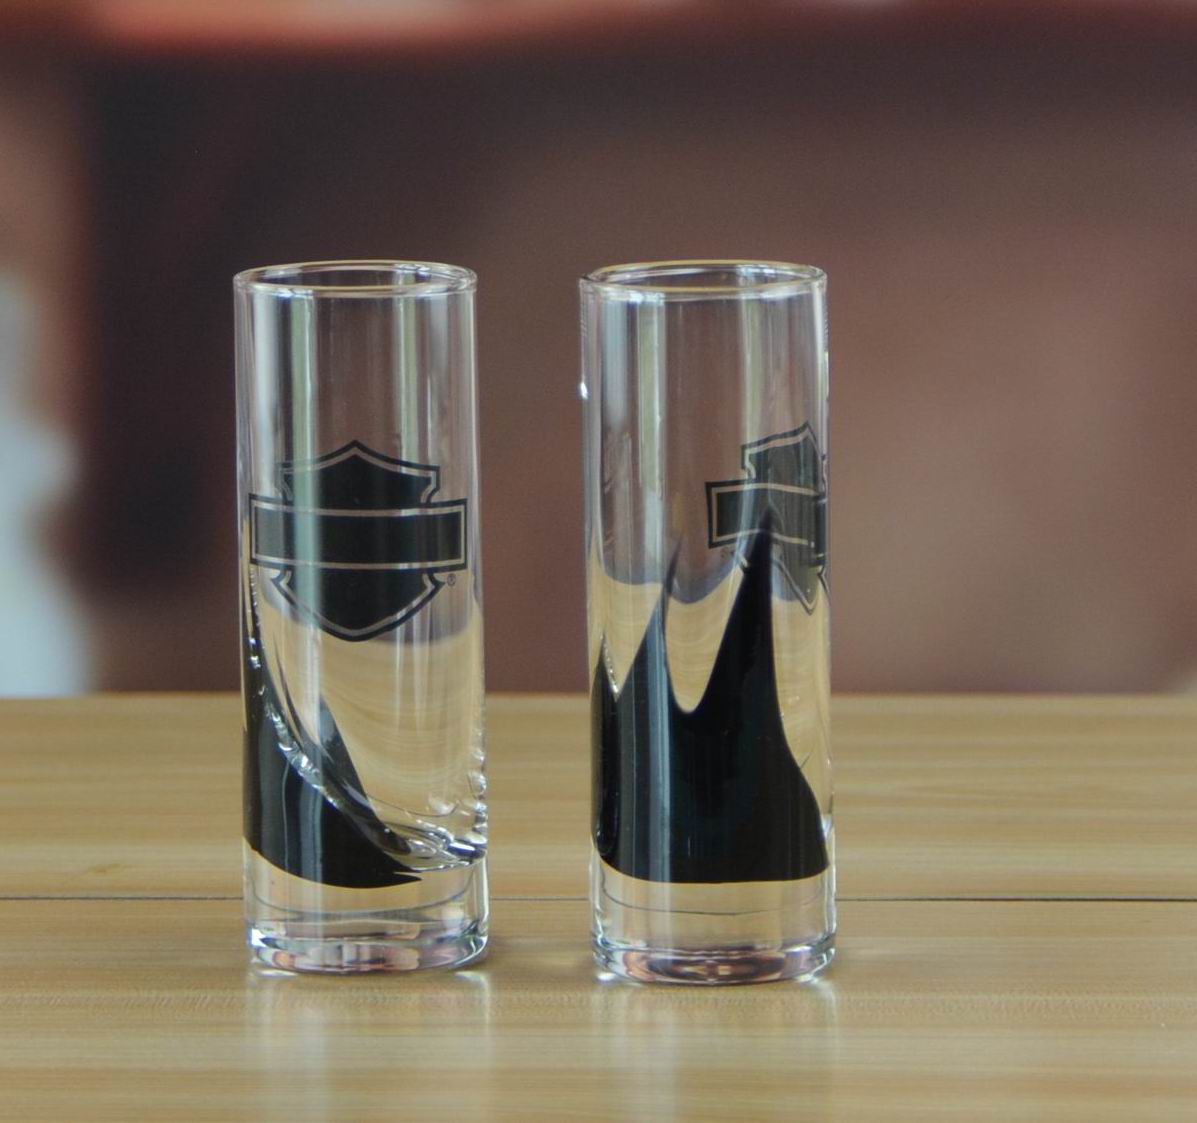 促销礼品白酒杯批发_定制家用玻璃制品批发-西安大西家居用品有限a片在线观看